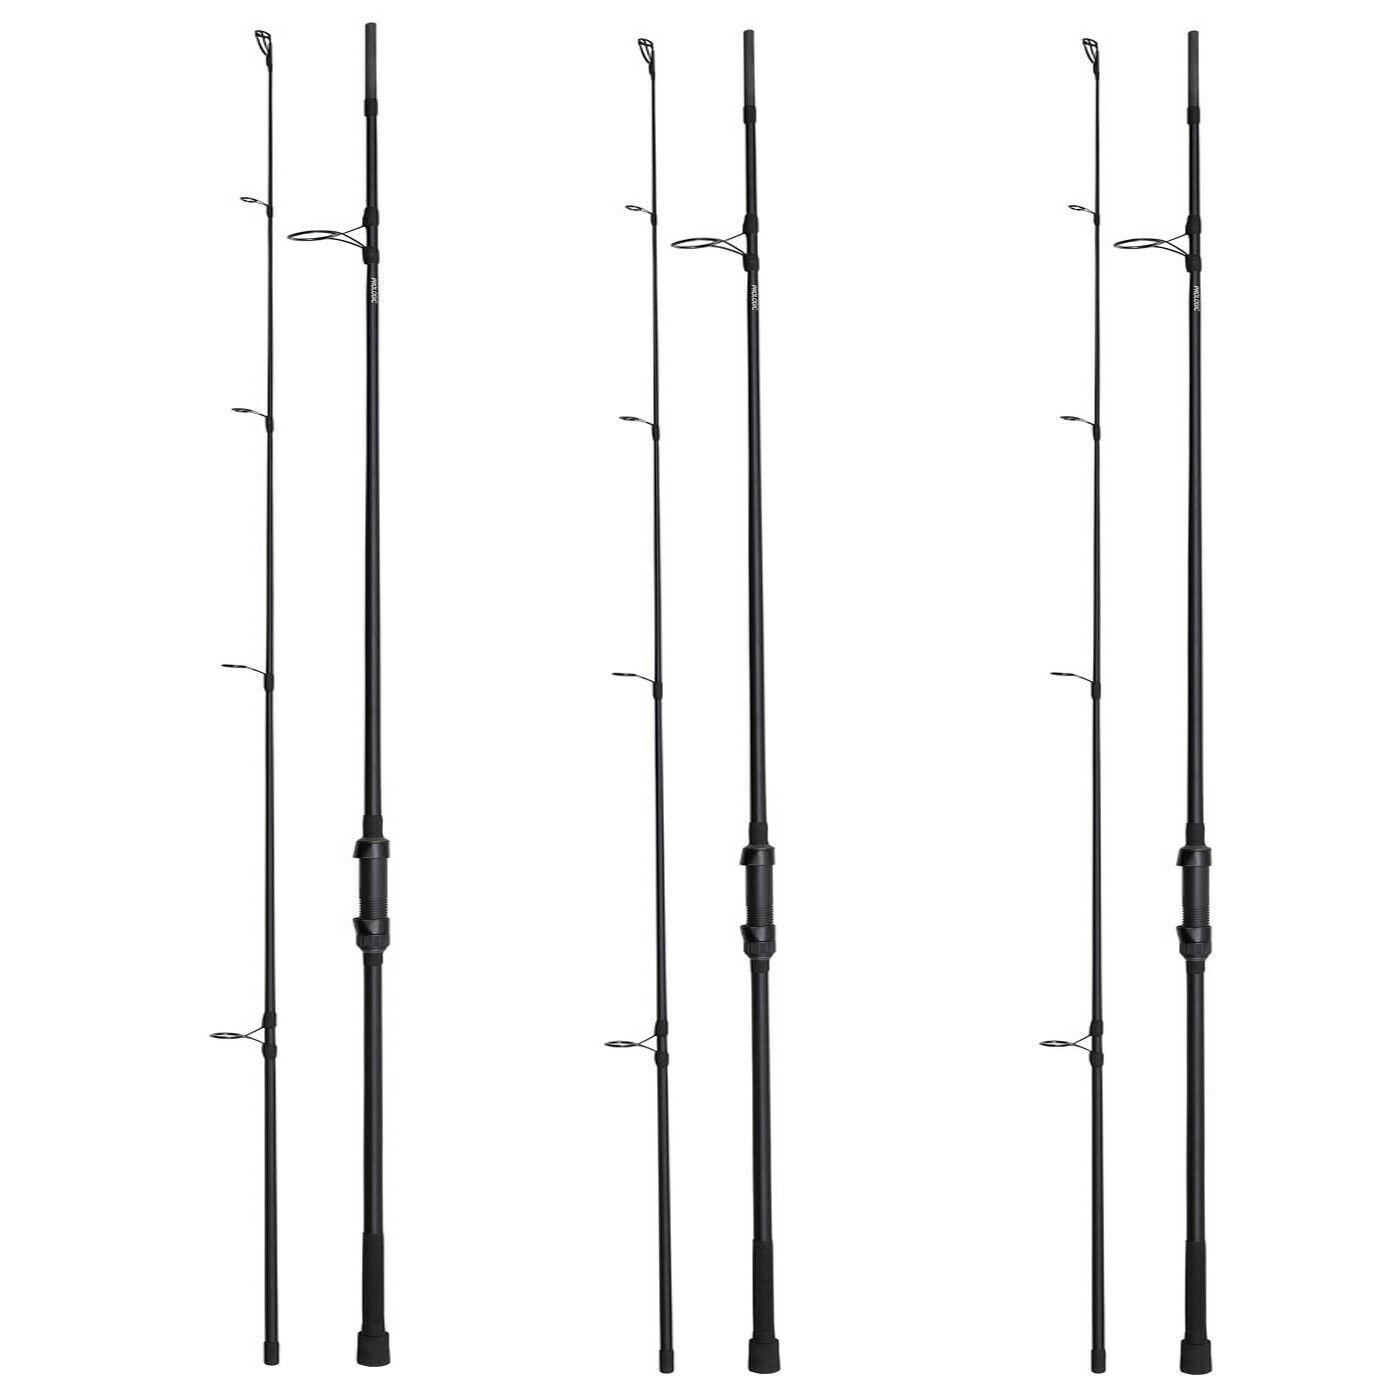 Prologic Custom Black 12ft 3lb 50mm Carp Rod -Set of 3-